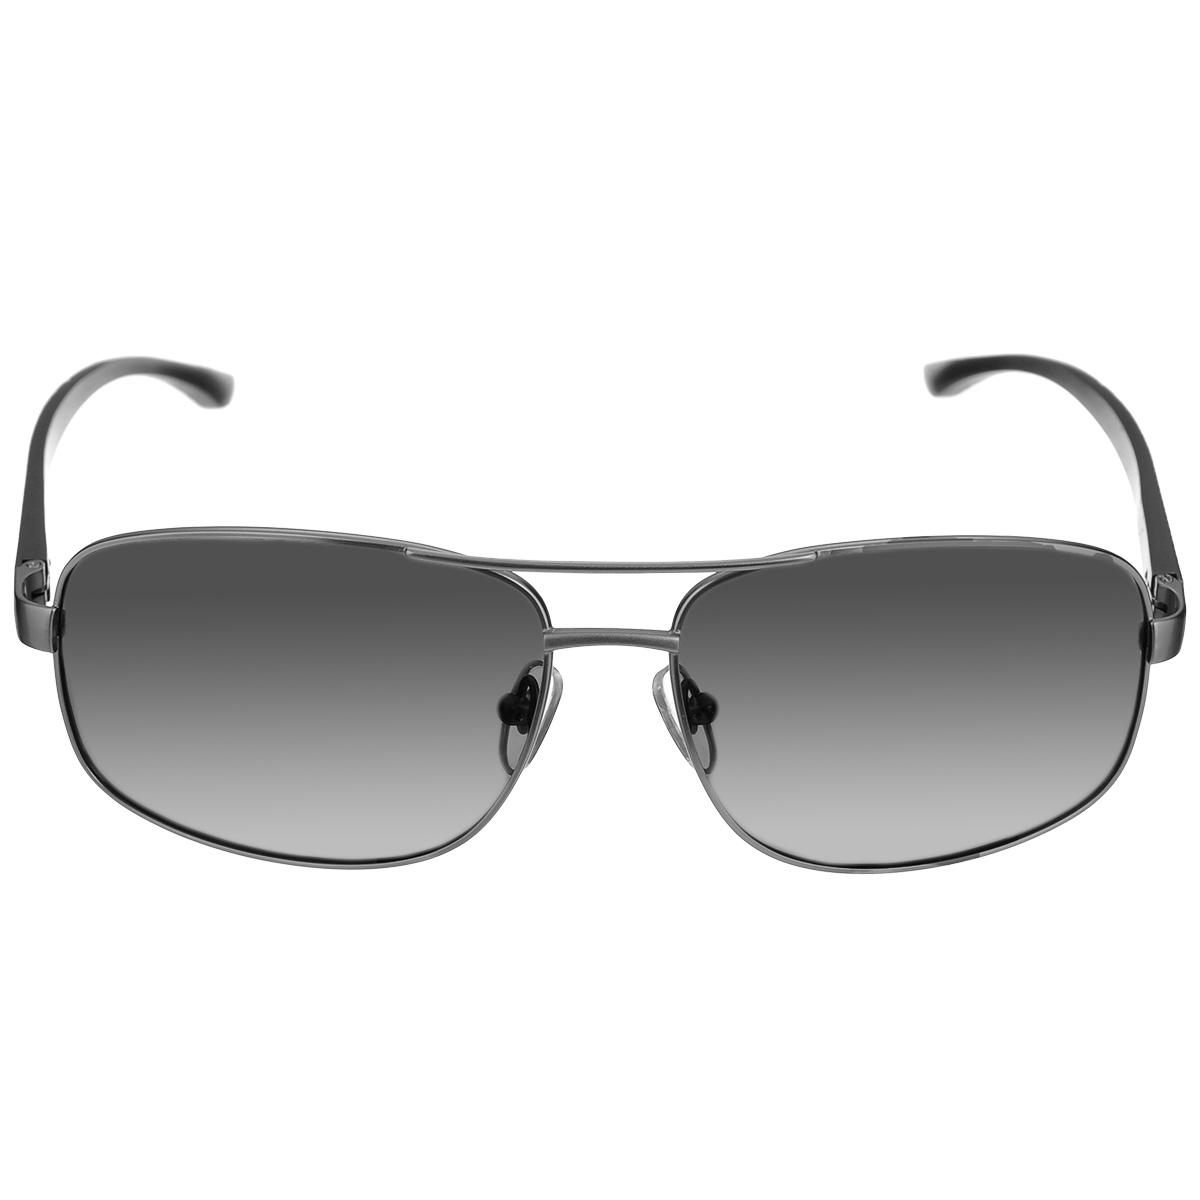 Очки мужские, поляризационные Cafa France, цвет: серый. CF8529